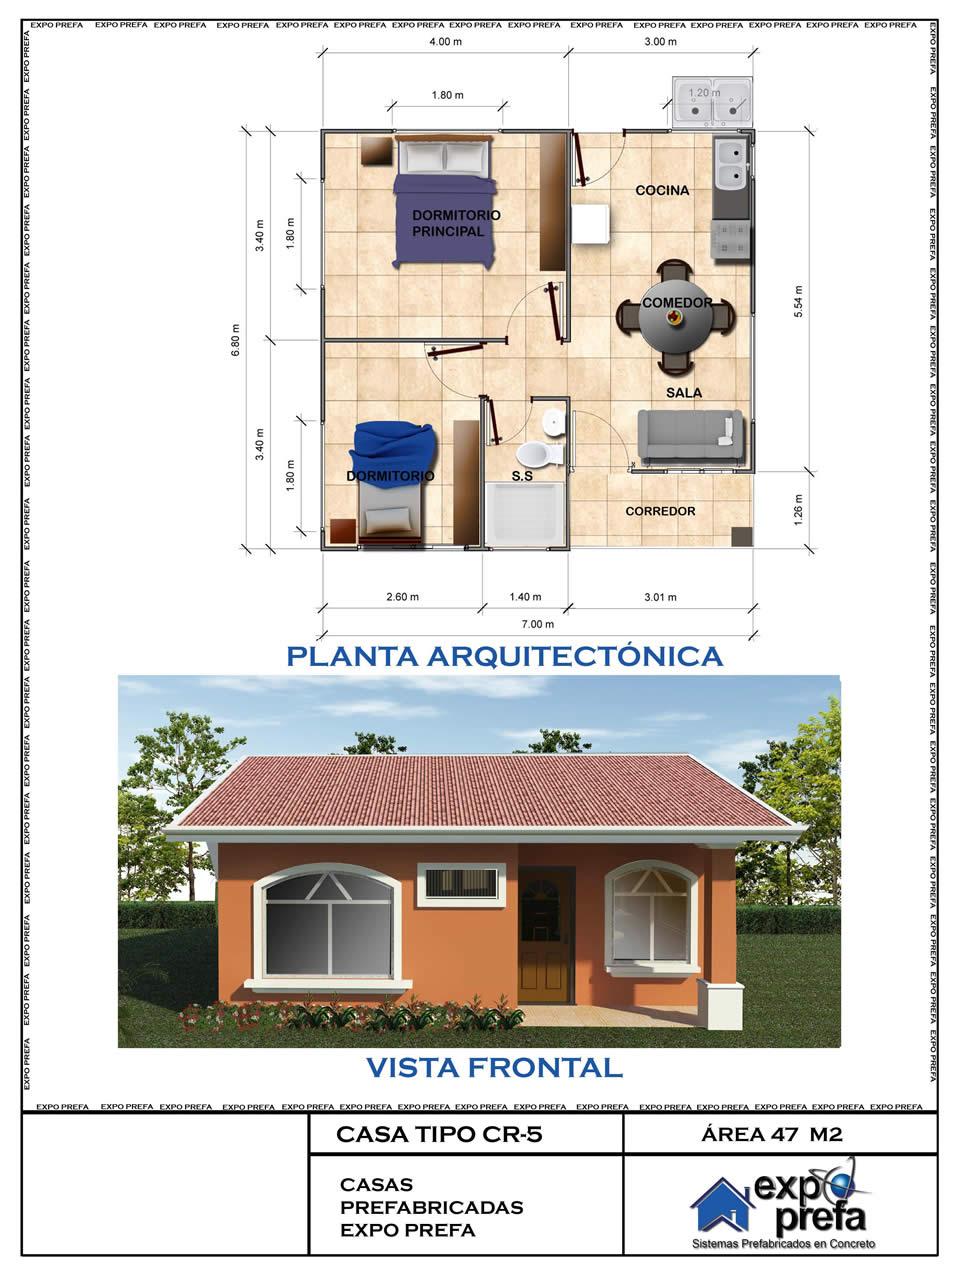 Cat logo de dise os de casas prefabricadas - Catalogo casas prefabricadas ...